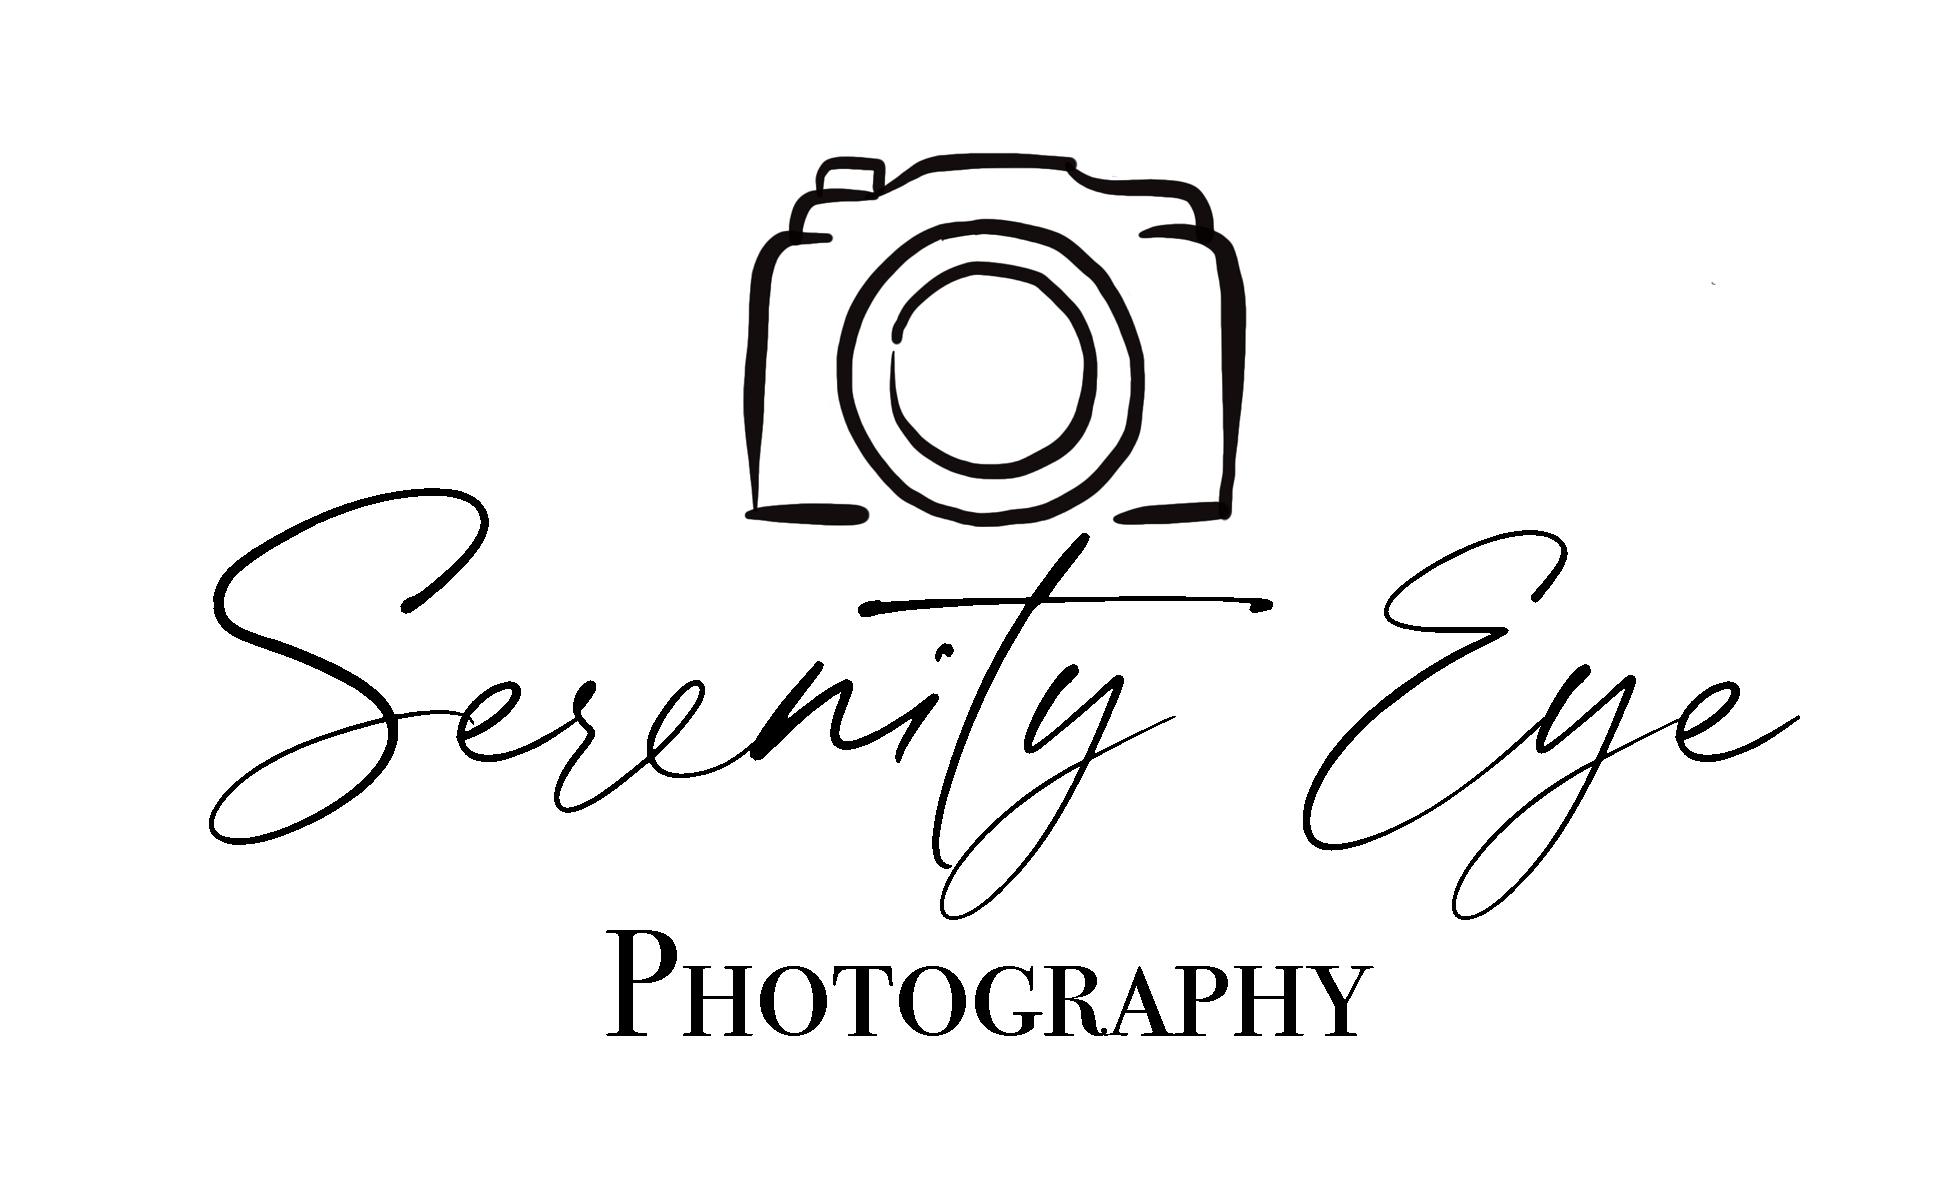 Serenity Eye Photography